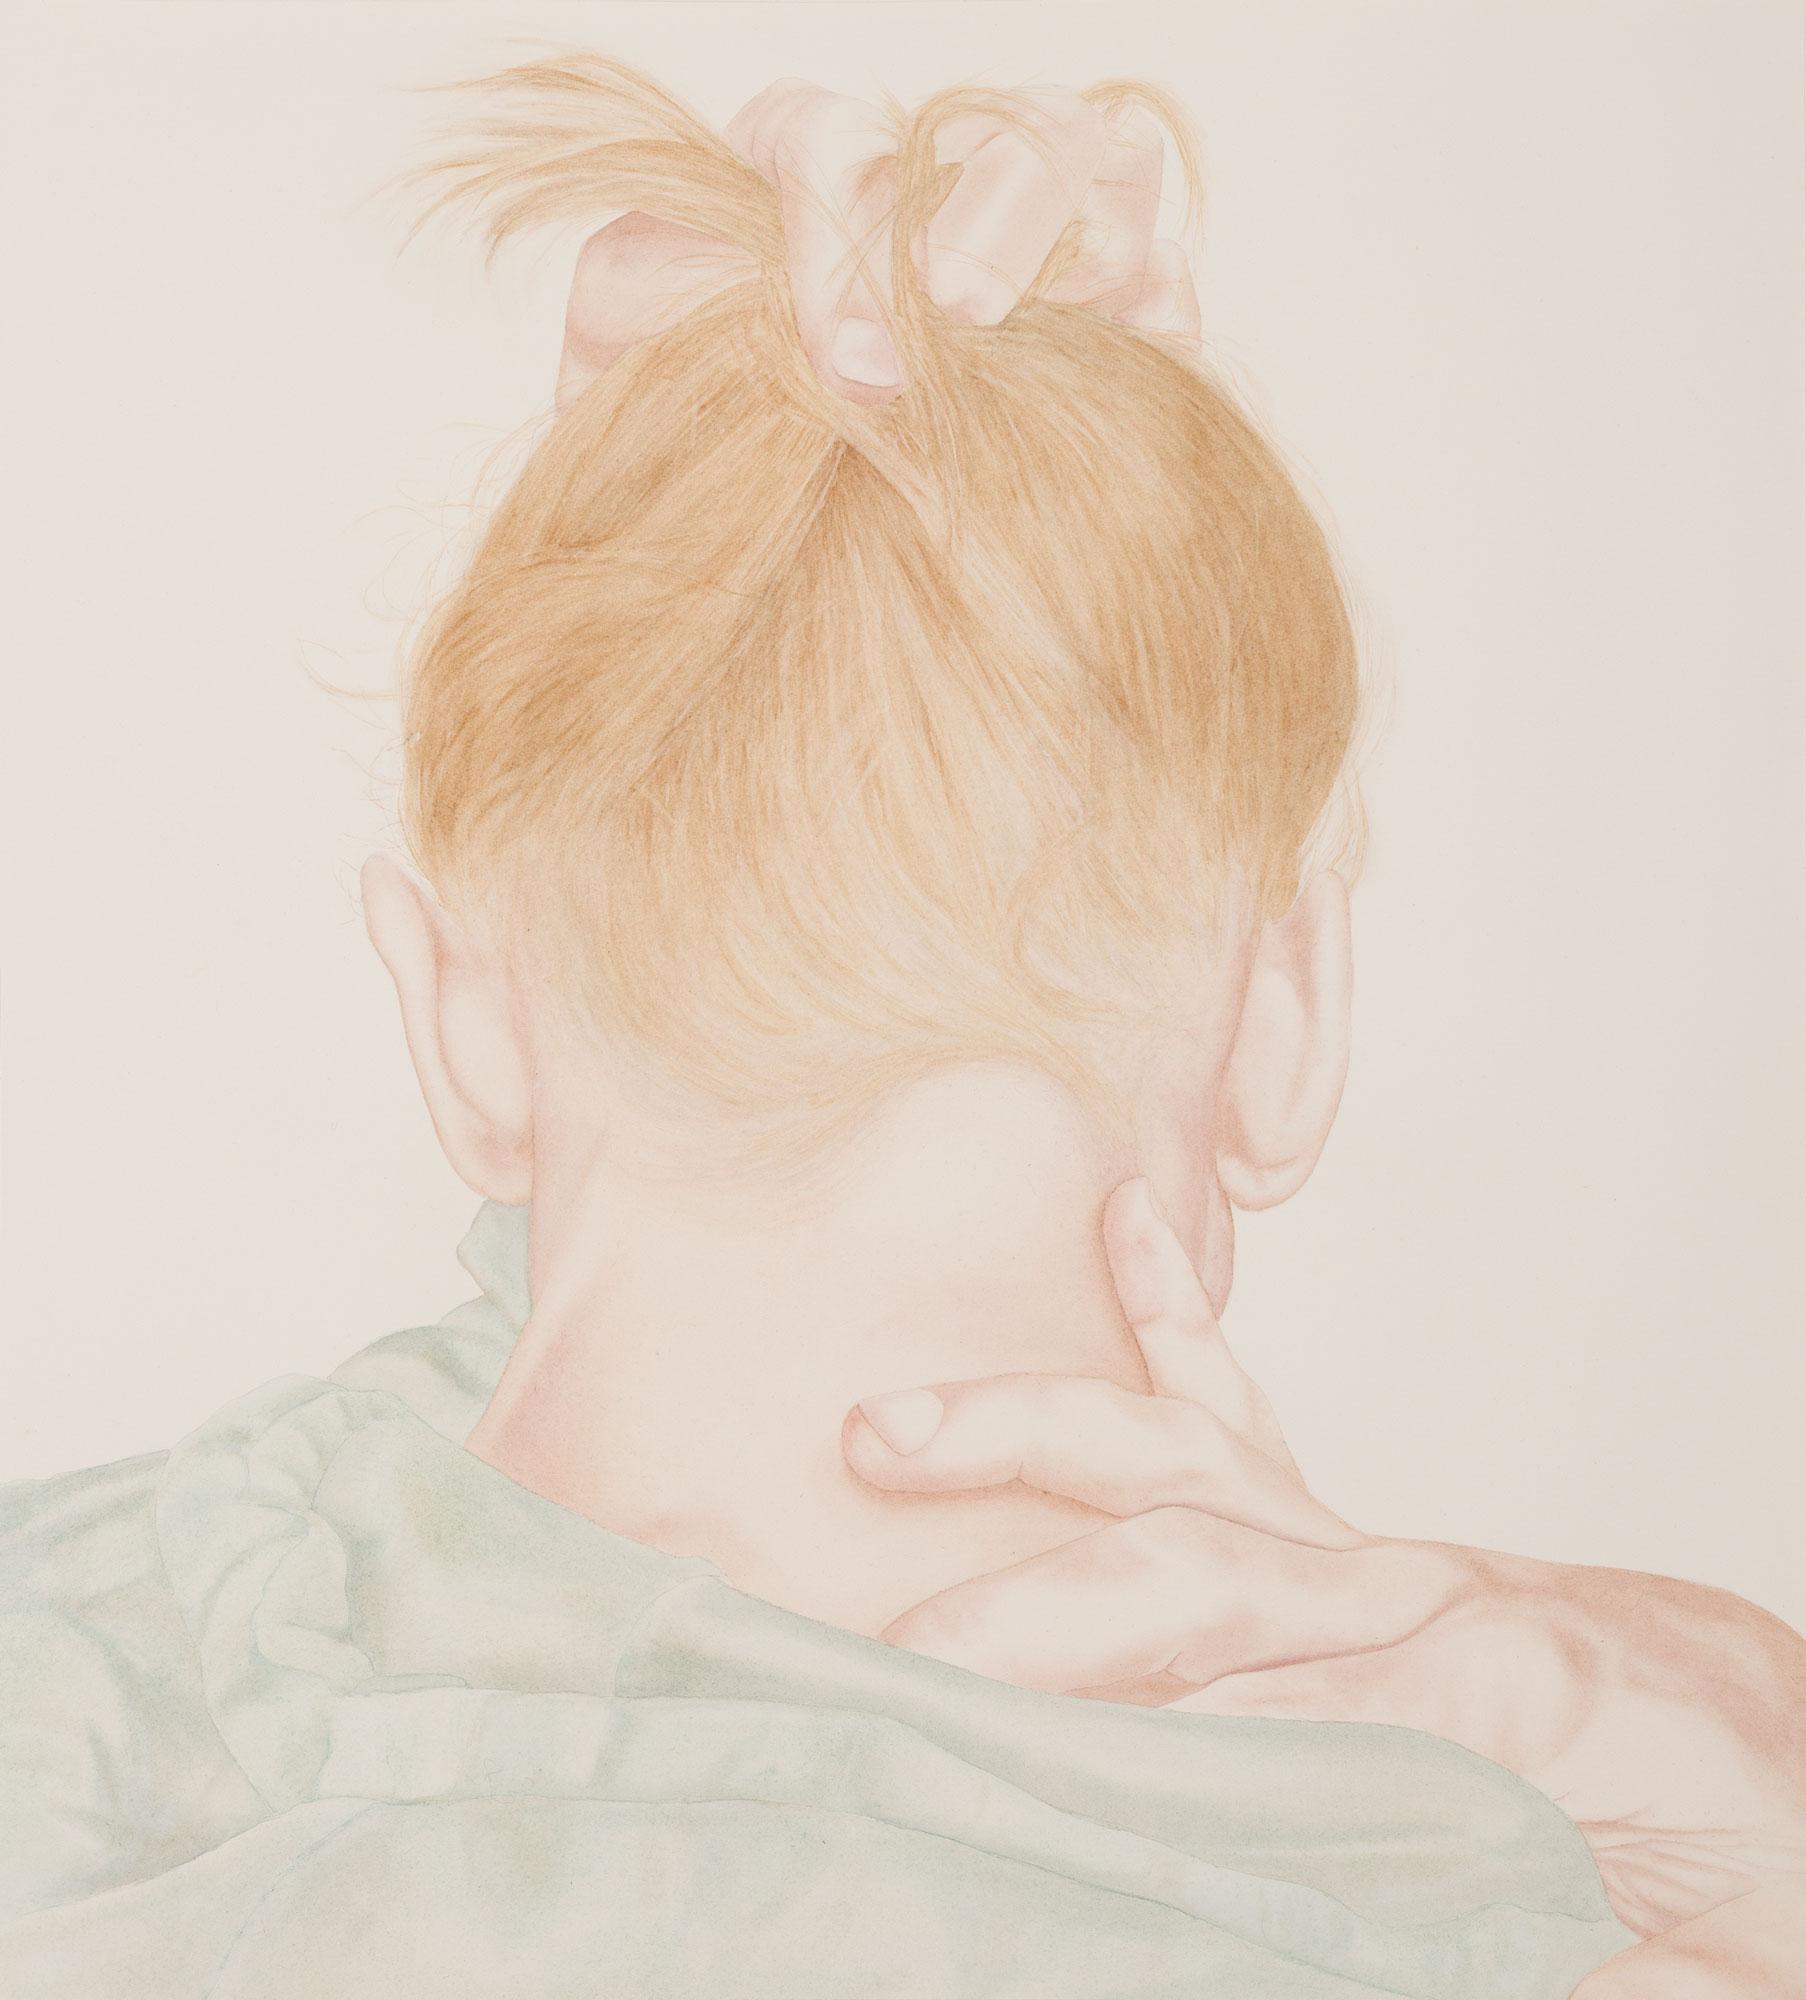 Petals, 2019. Watercolor on paper. 71x63 cm